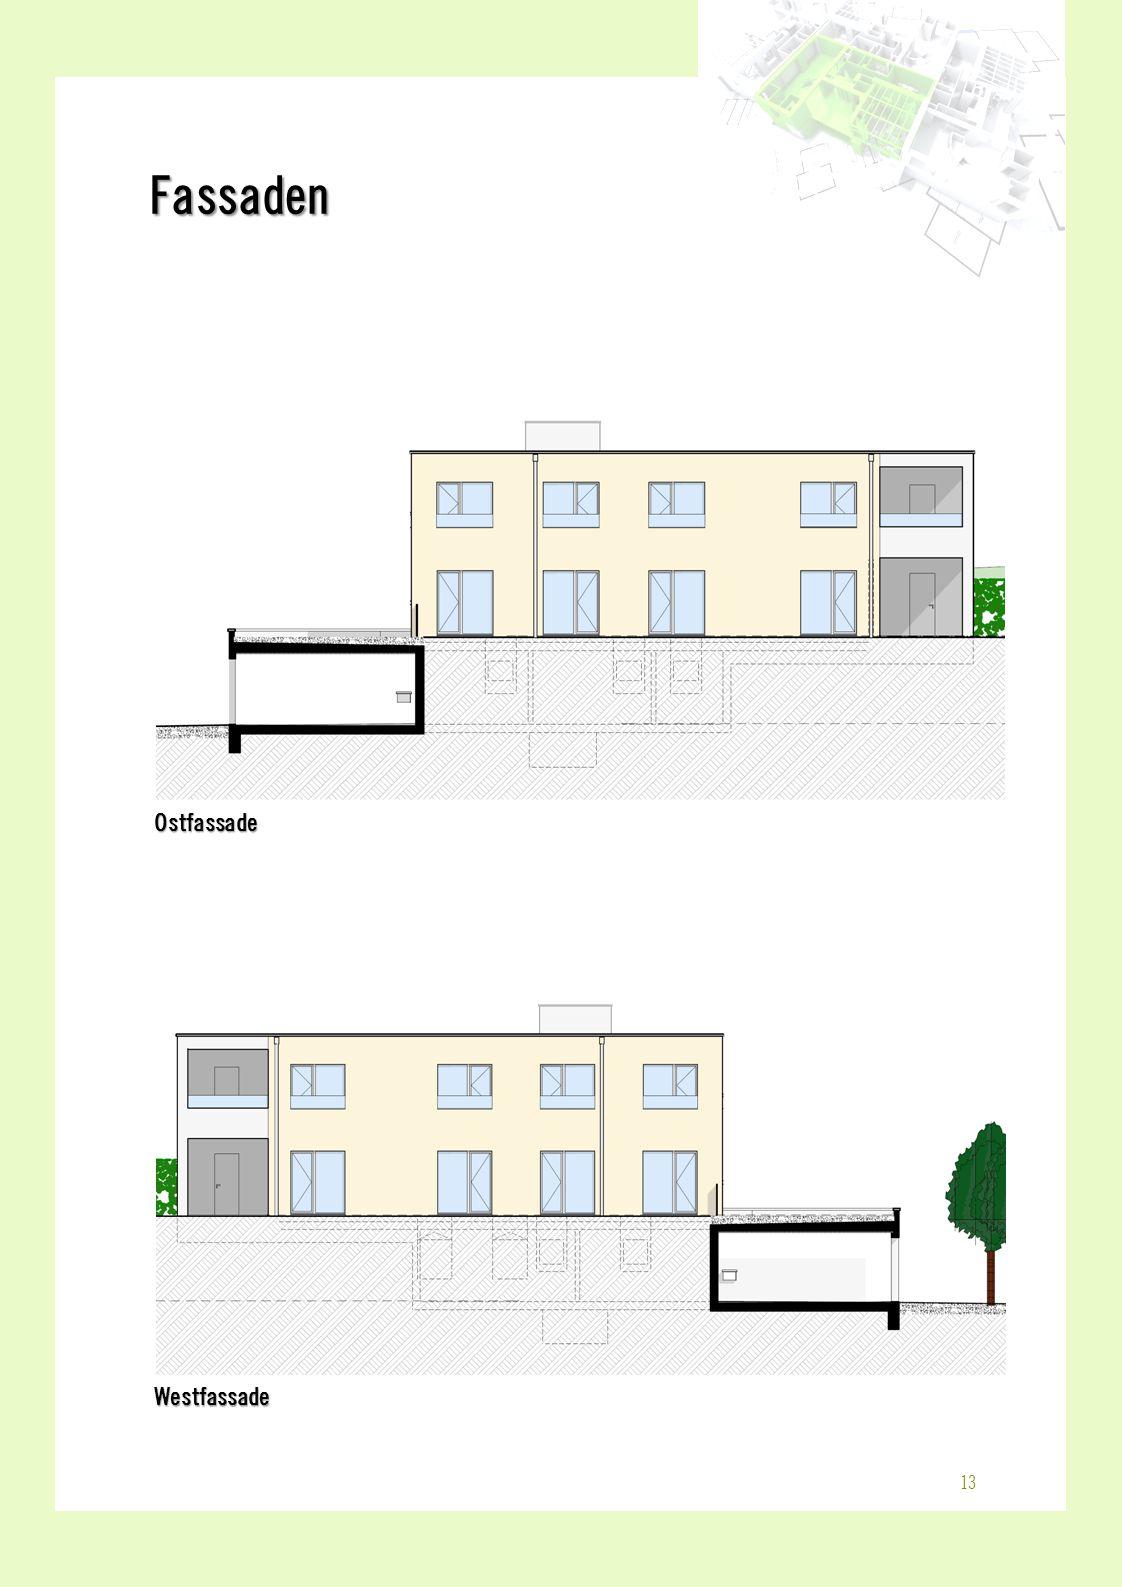 OstfassadeWestfassade Fassaden 13